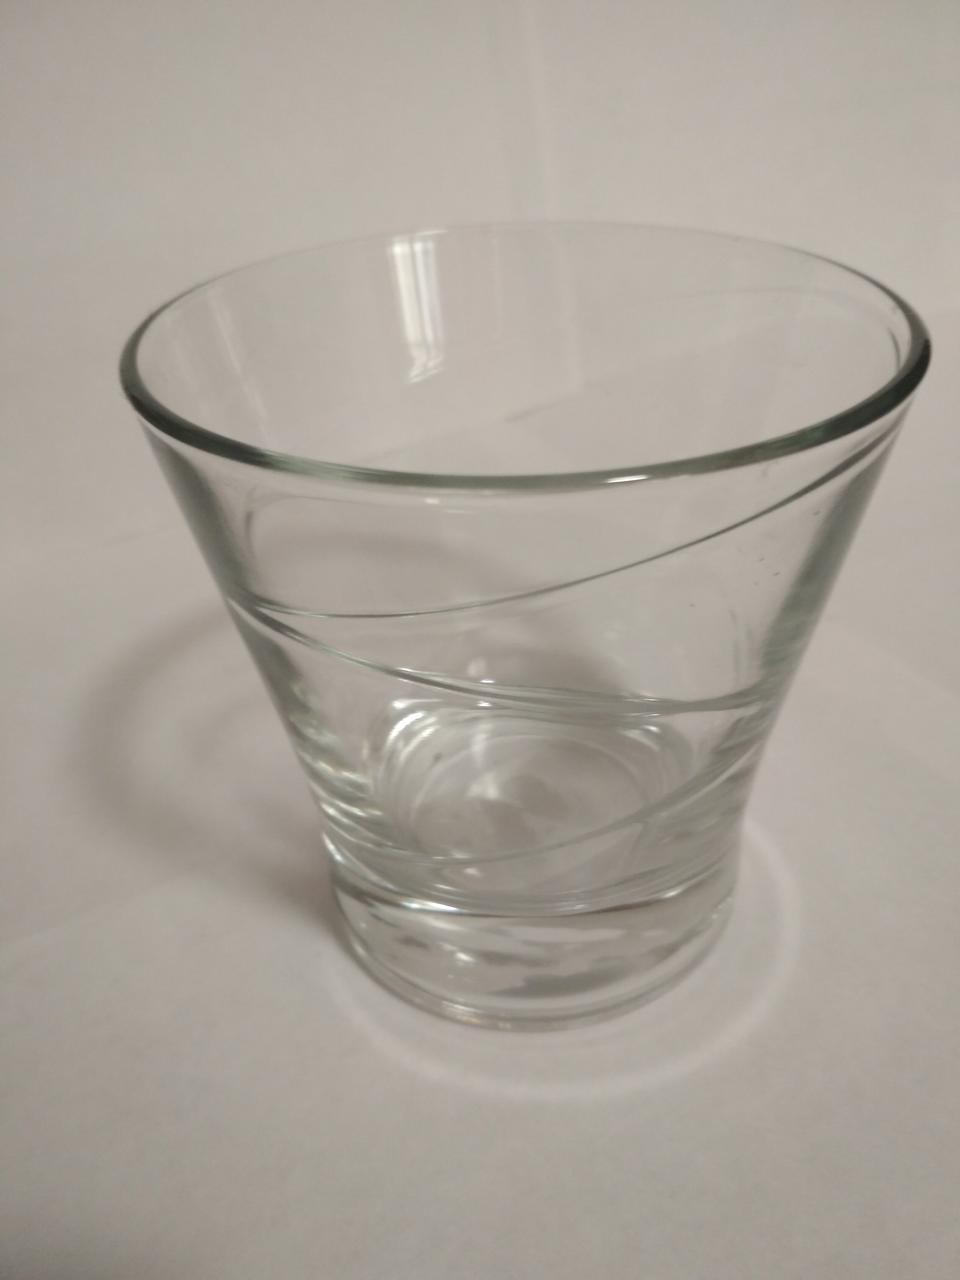 Стакан низкий 200 мл конус стеклянный для коньяка, виски  UniGlass